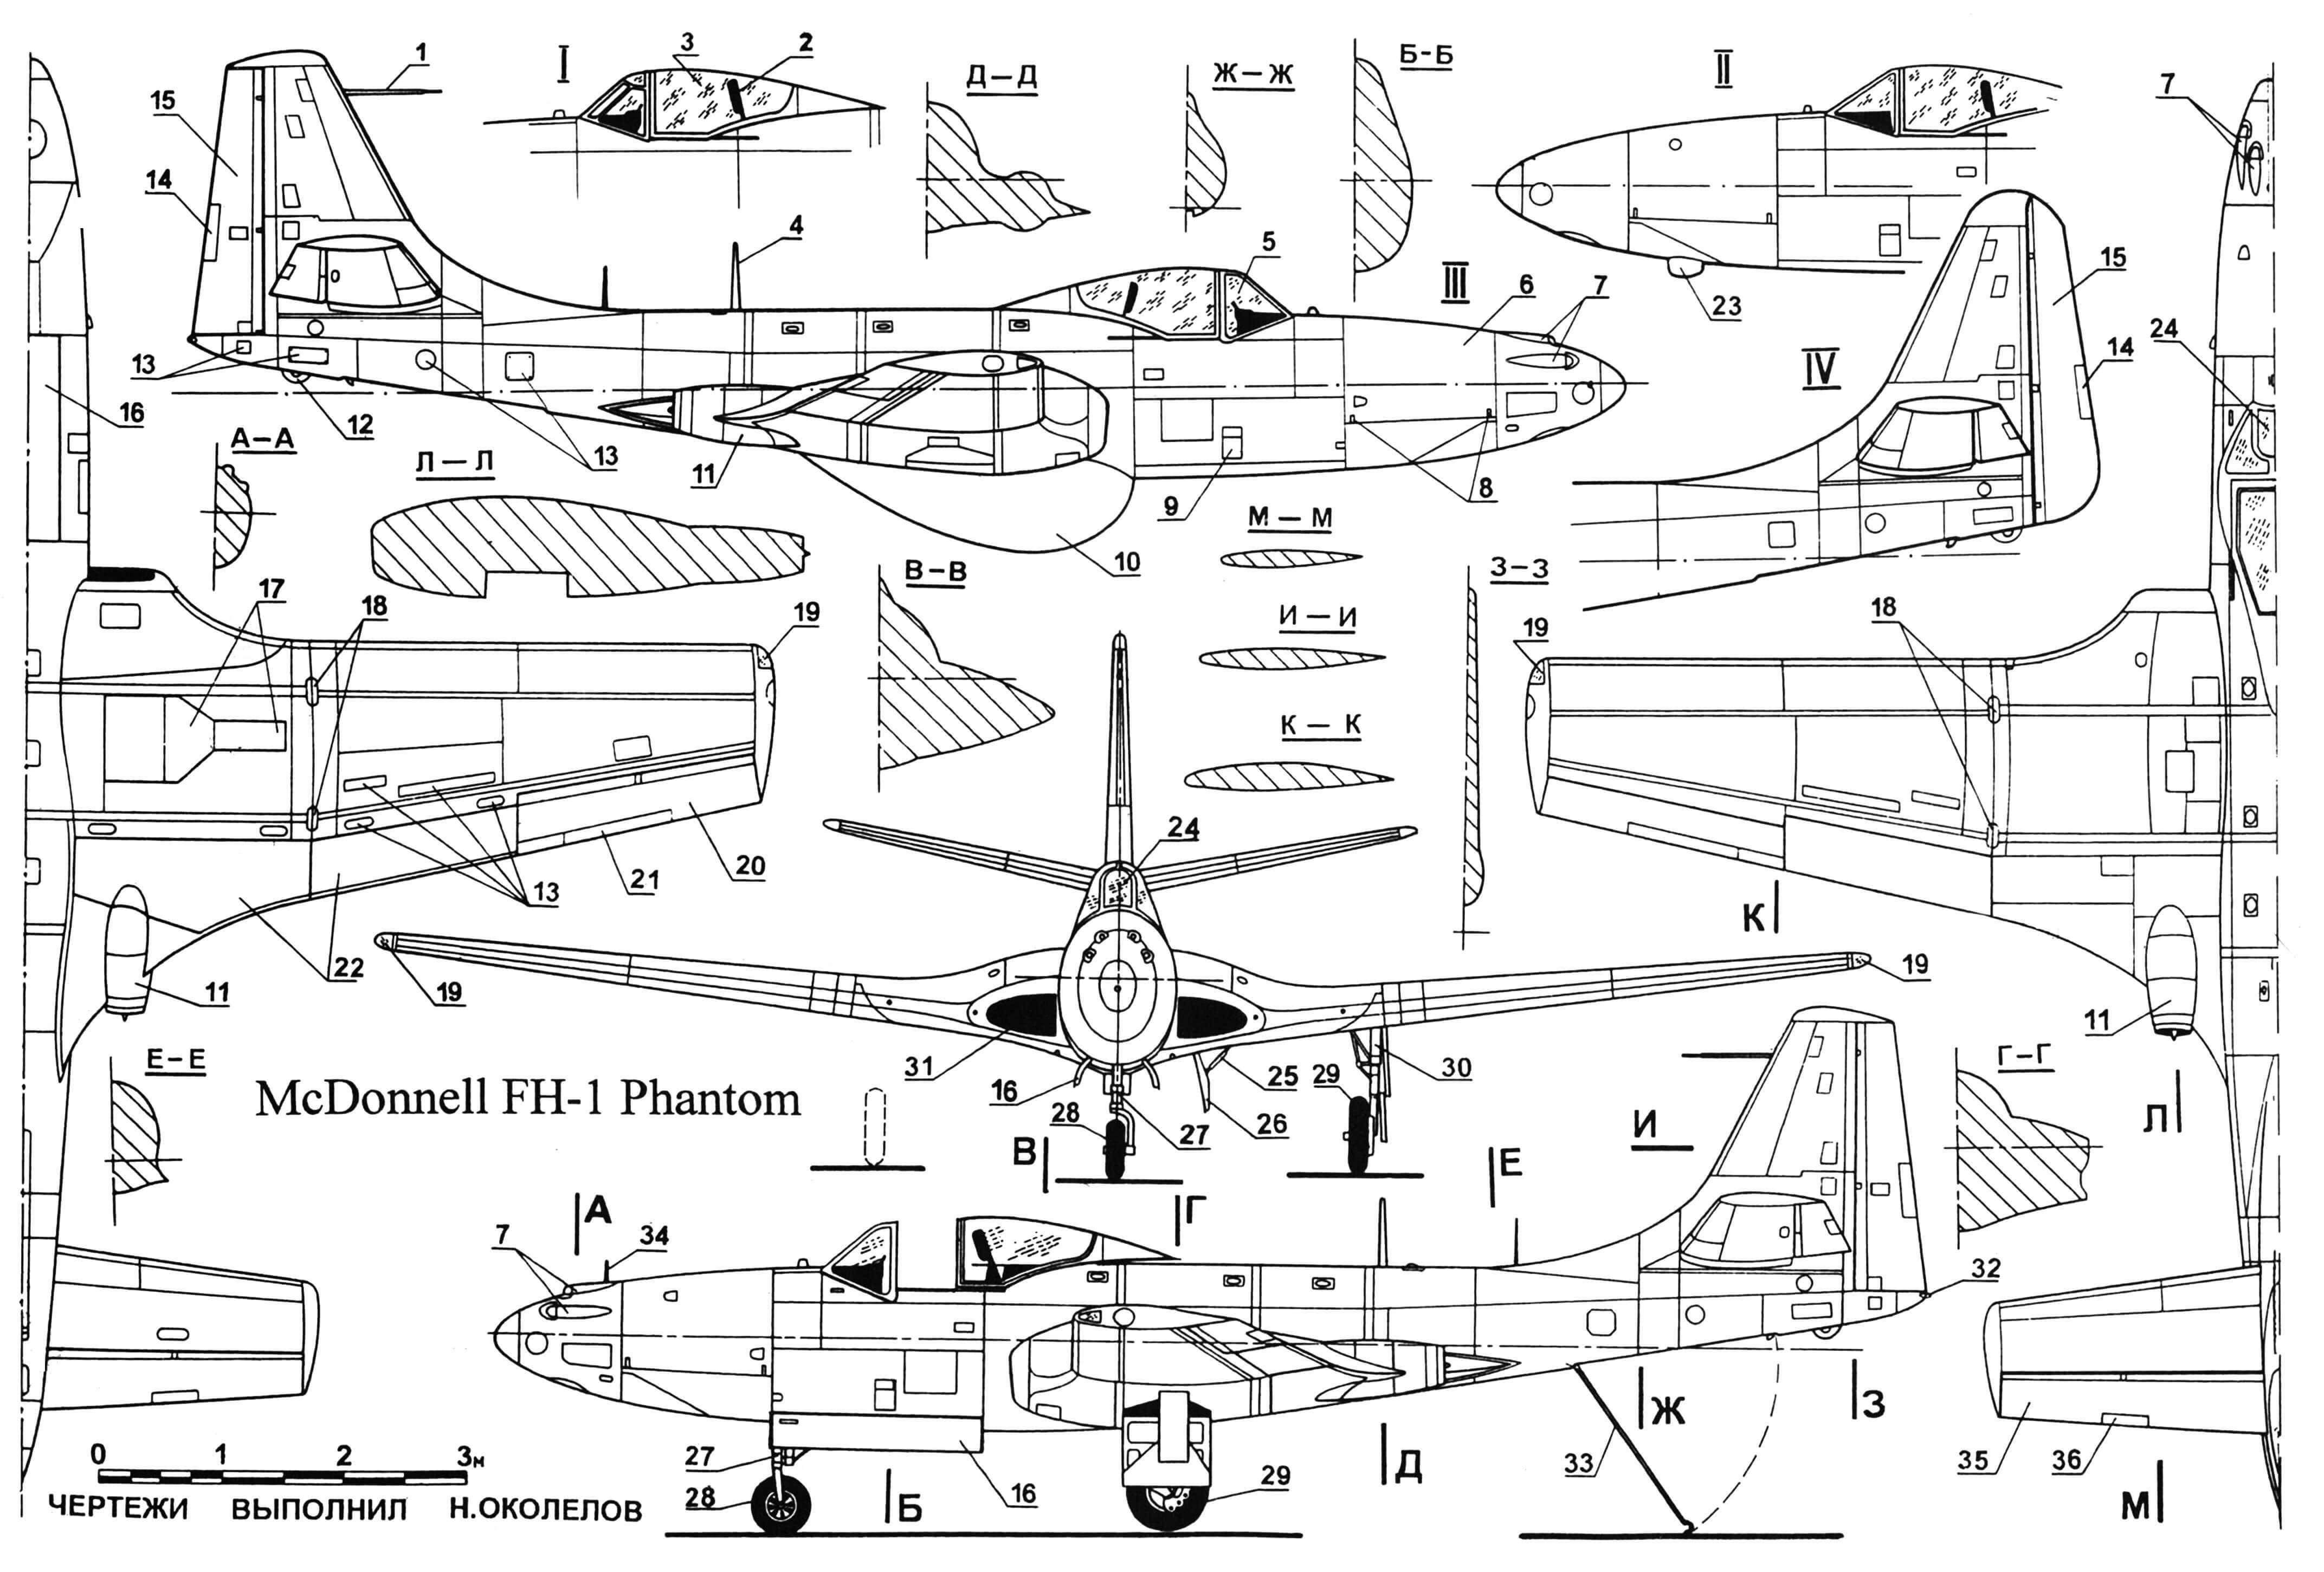 Реактивный палубный истребитель FH-1 «Фантом»: 1 — ПВД; 2 — заголовник кресла пилота; 3 — часть фонаря сдвижная; 4 — антенна радиостанции; 5 — часть фонаря передняя; 6 — крышка отсека вооружения; 7 — пулеметы; 8 — замки люков вооружения; 9 — подножка откидная; 10 — бак подвесной топливный; 11—двигатель; 12 — узел швартовочный; 13 — лючки эксплуатационные; 14 — триммер руля поворота; 15 — руль поворота; 16 — створки носовой стойки шасси; 17, 26 — створки ниши основной стойки шасси; 18 — узлы поворота крыла; 19 — АНО; 20 — элерон; 21 — триммер элерона; 22 — щитки посадочные тормозные; 23 — антенна радиокомпаса; 24 — бронестекло козырька кабины; 25 — гидроцилиндр створки ниши шасси; 27 — стойка носового колеса; 28 — колесо носовое; 29 — колесо основной стойки шасси; 30 — стойка основного шасси; 31 — воздухозаборник; 32 — огонь габаритный; 33 — крюк посадочный; 34 — штырь для ориентации при посадке; 35 — руль высоты; 36 — триммер руля высоты. I — фонарь кабины прототипа XFD-1; II — носовая часть гражданского варианта FH-1; III — серийный FD-l(FH-l) «Фантом»; IV — хвостовое оперение опытного образца XFD-1.